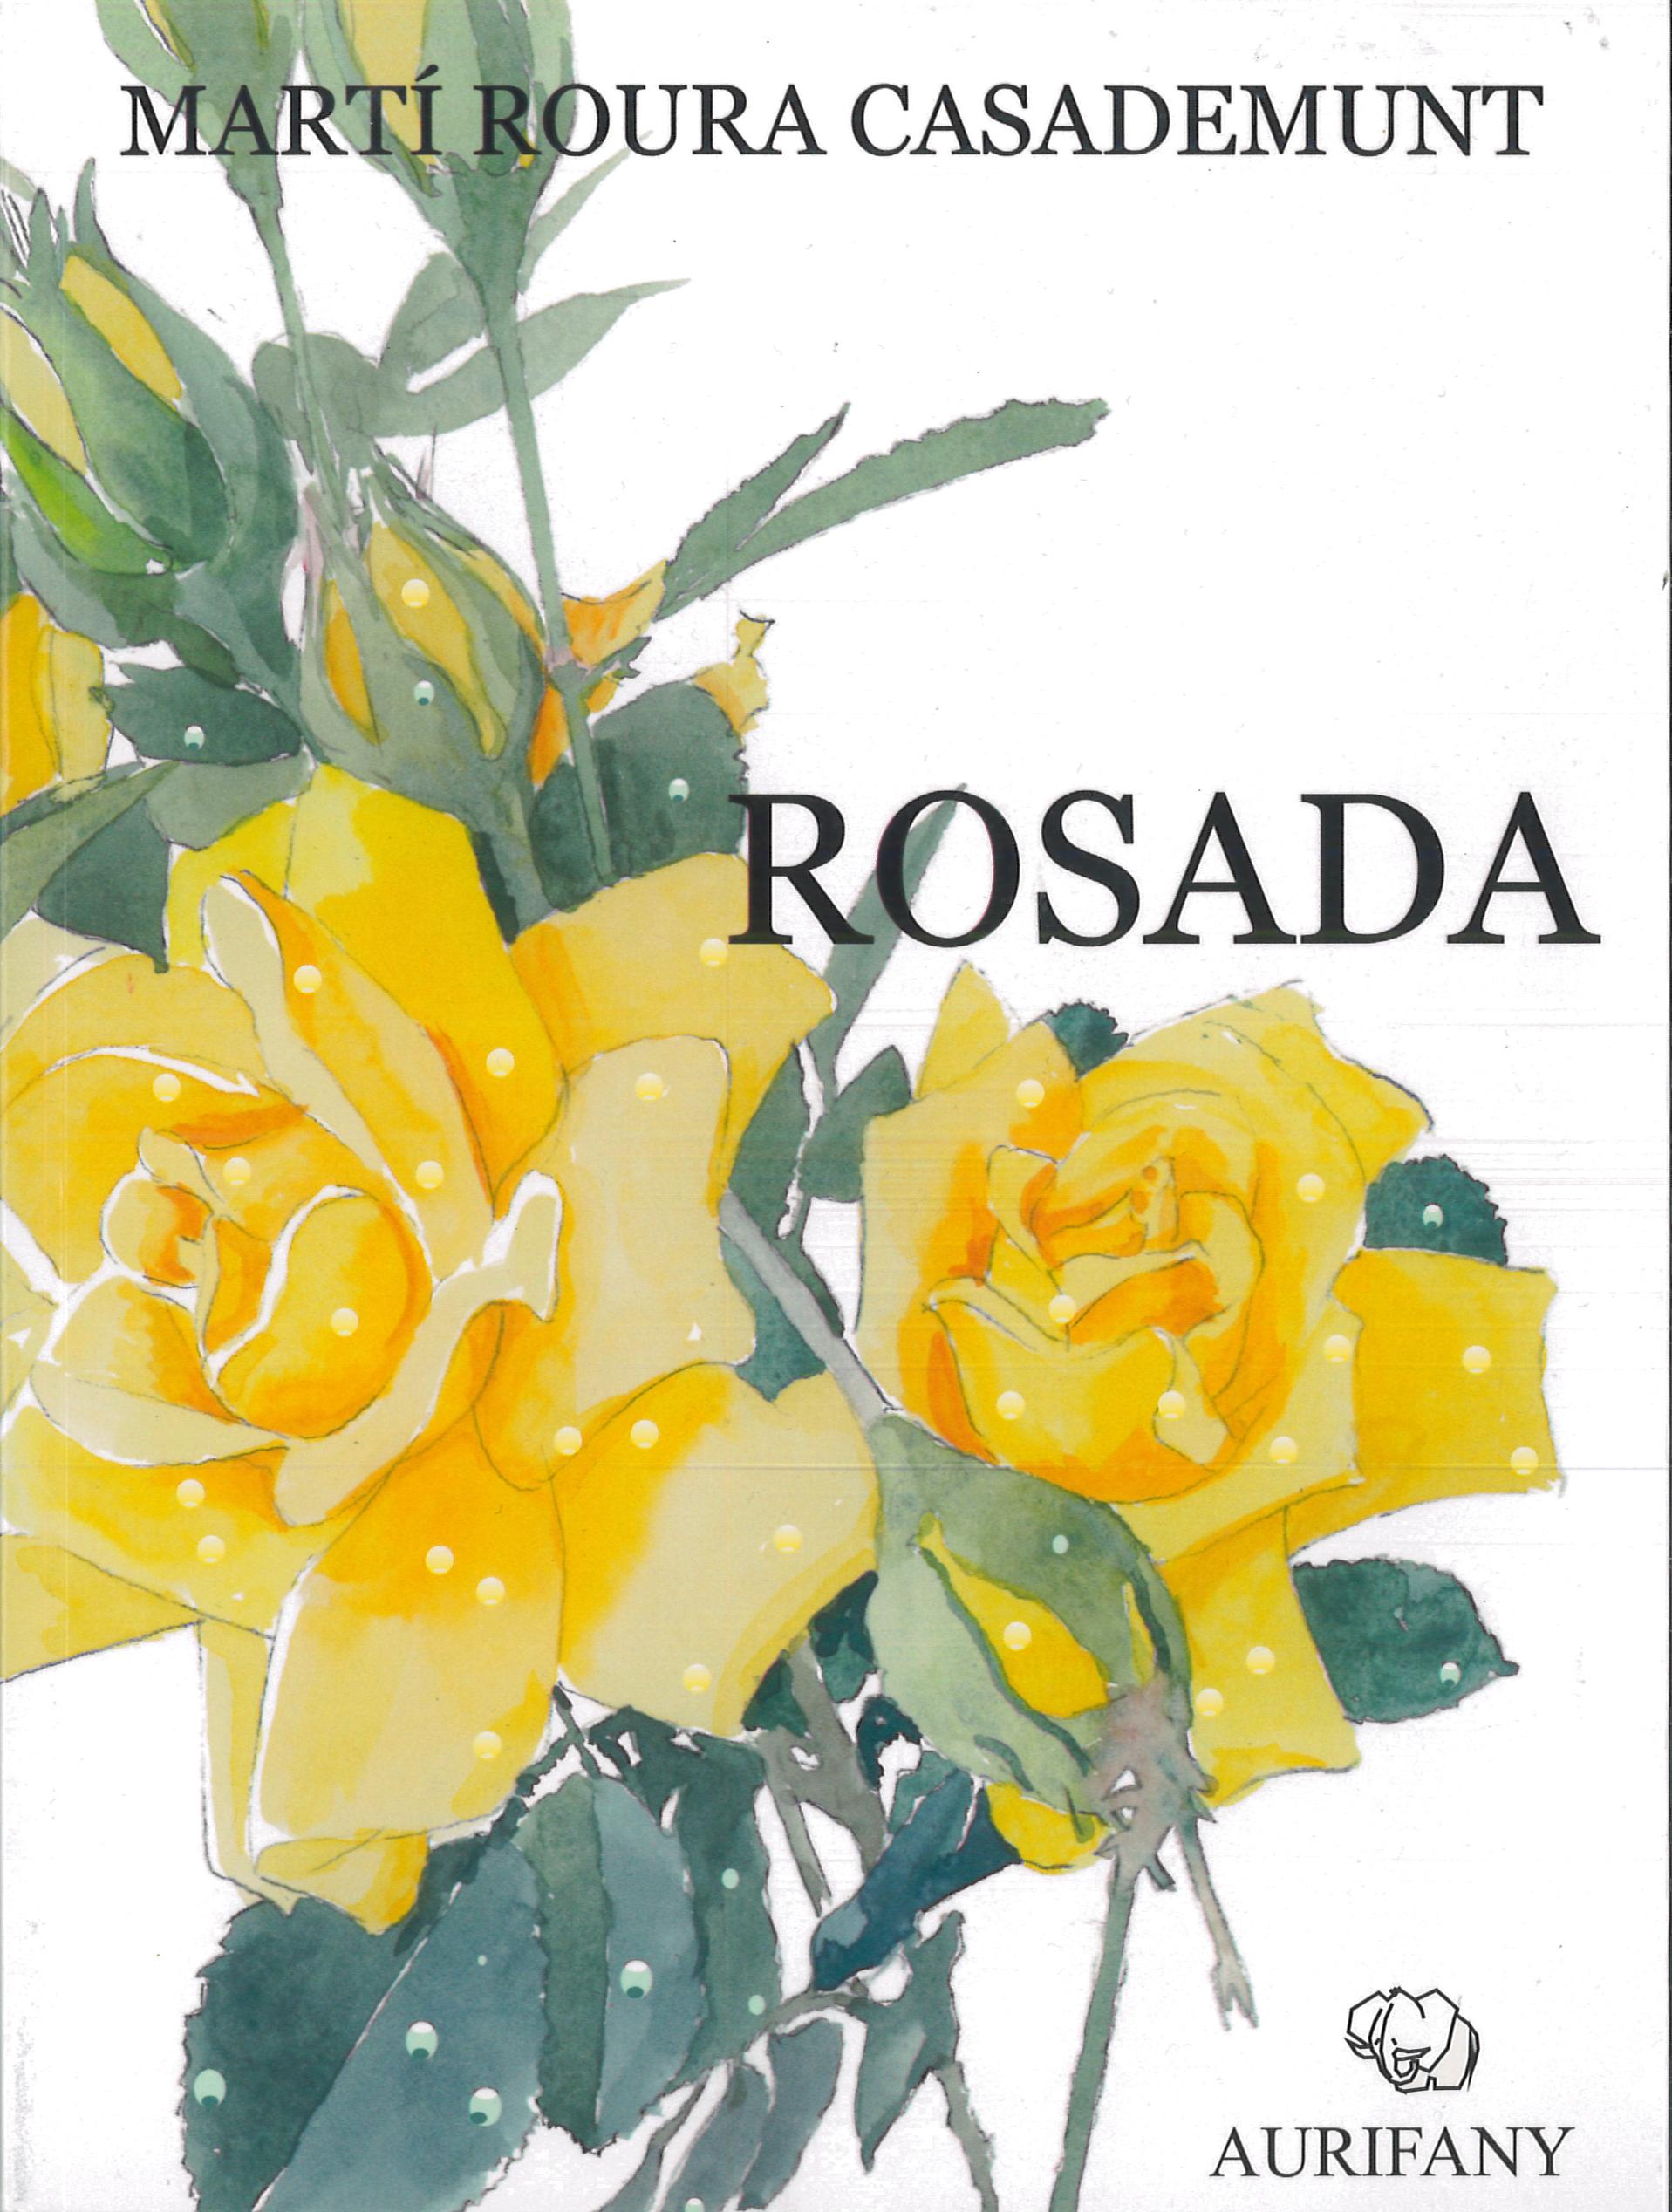 La Rosada de Martí Roura Casademunt, llibre de poemes